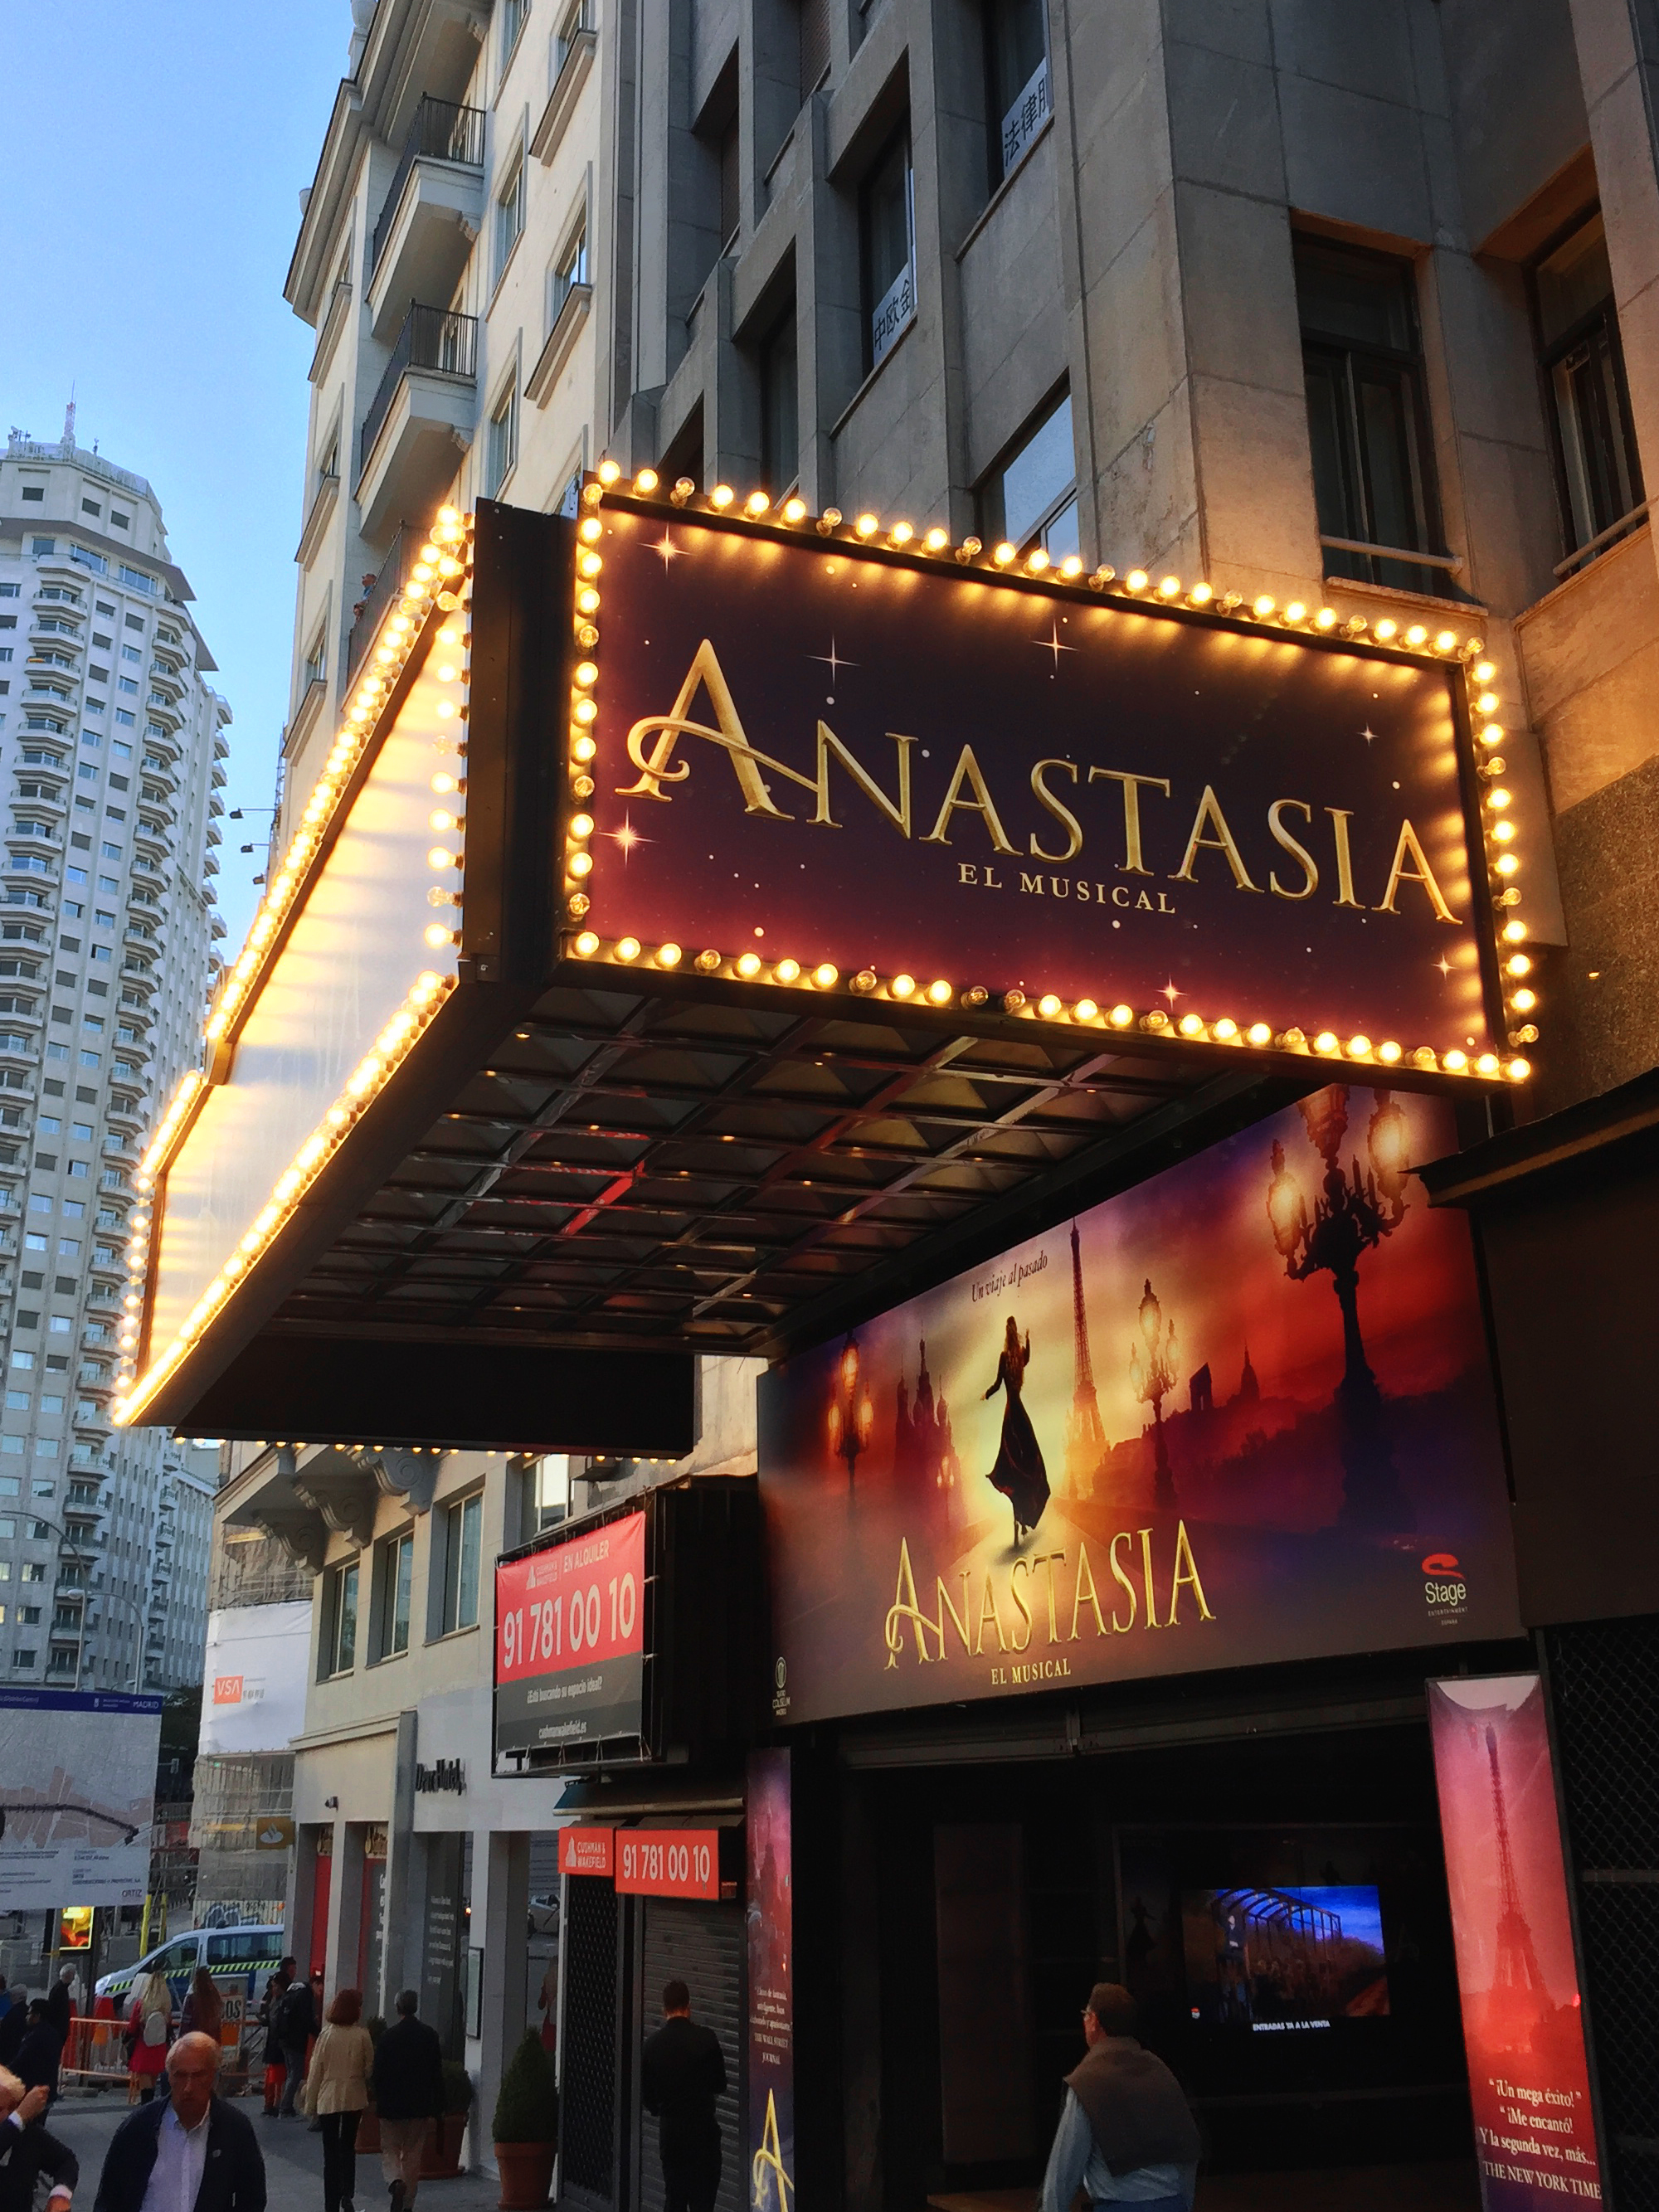 La façade du Teatro Coliseum de Madrid, pendant les représentations d'Anastasia (2019)